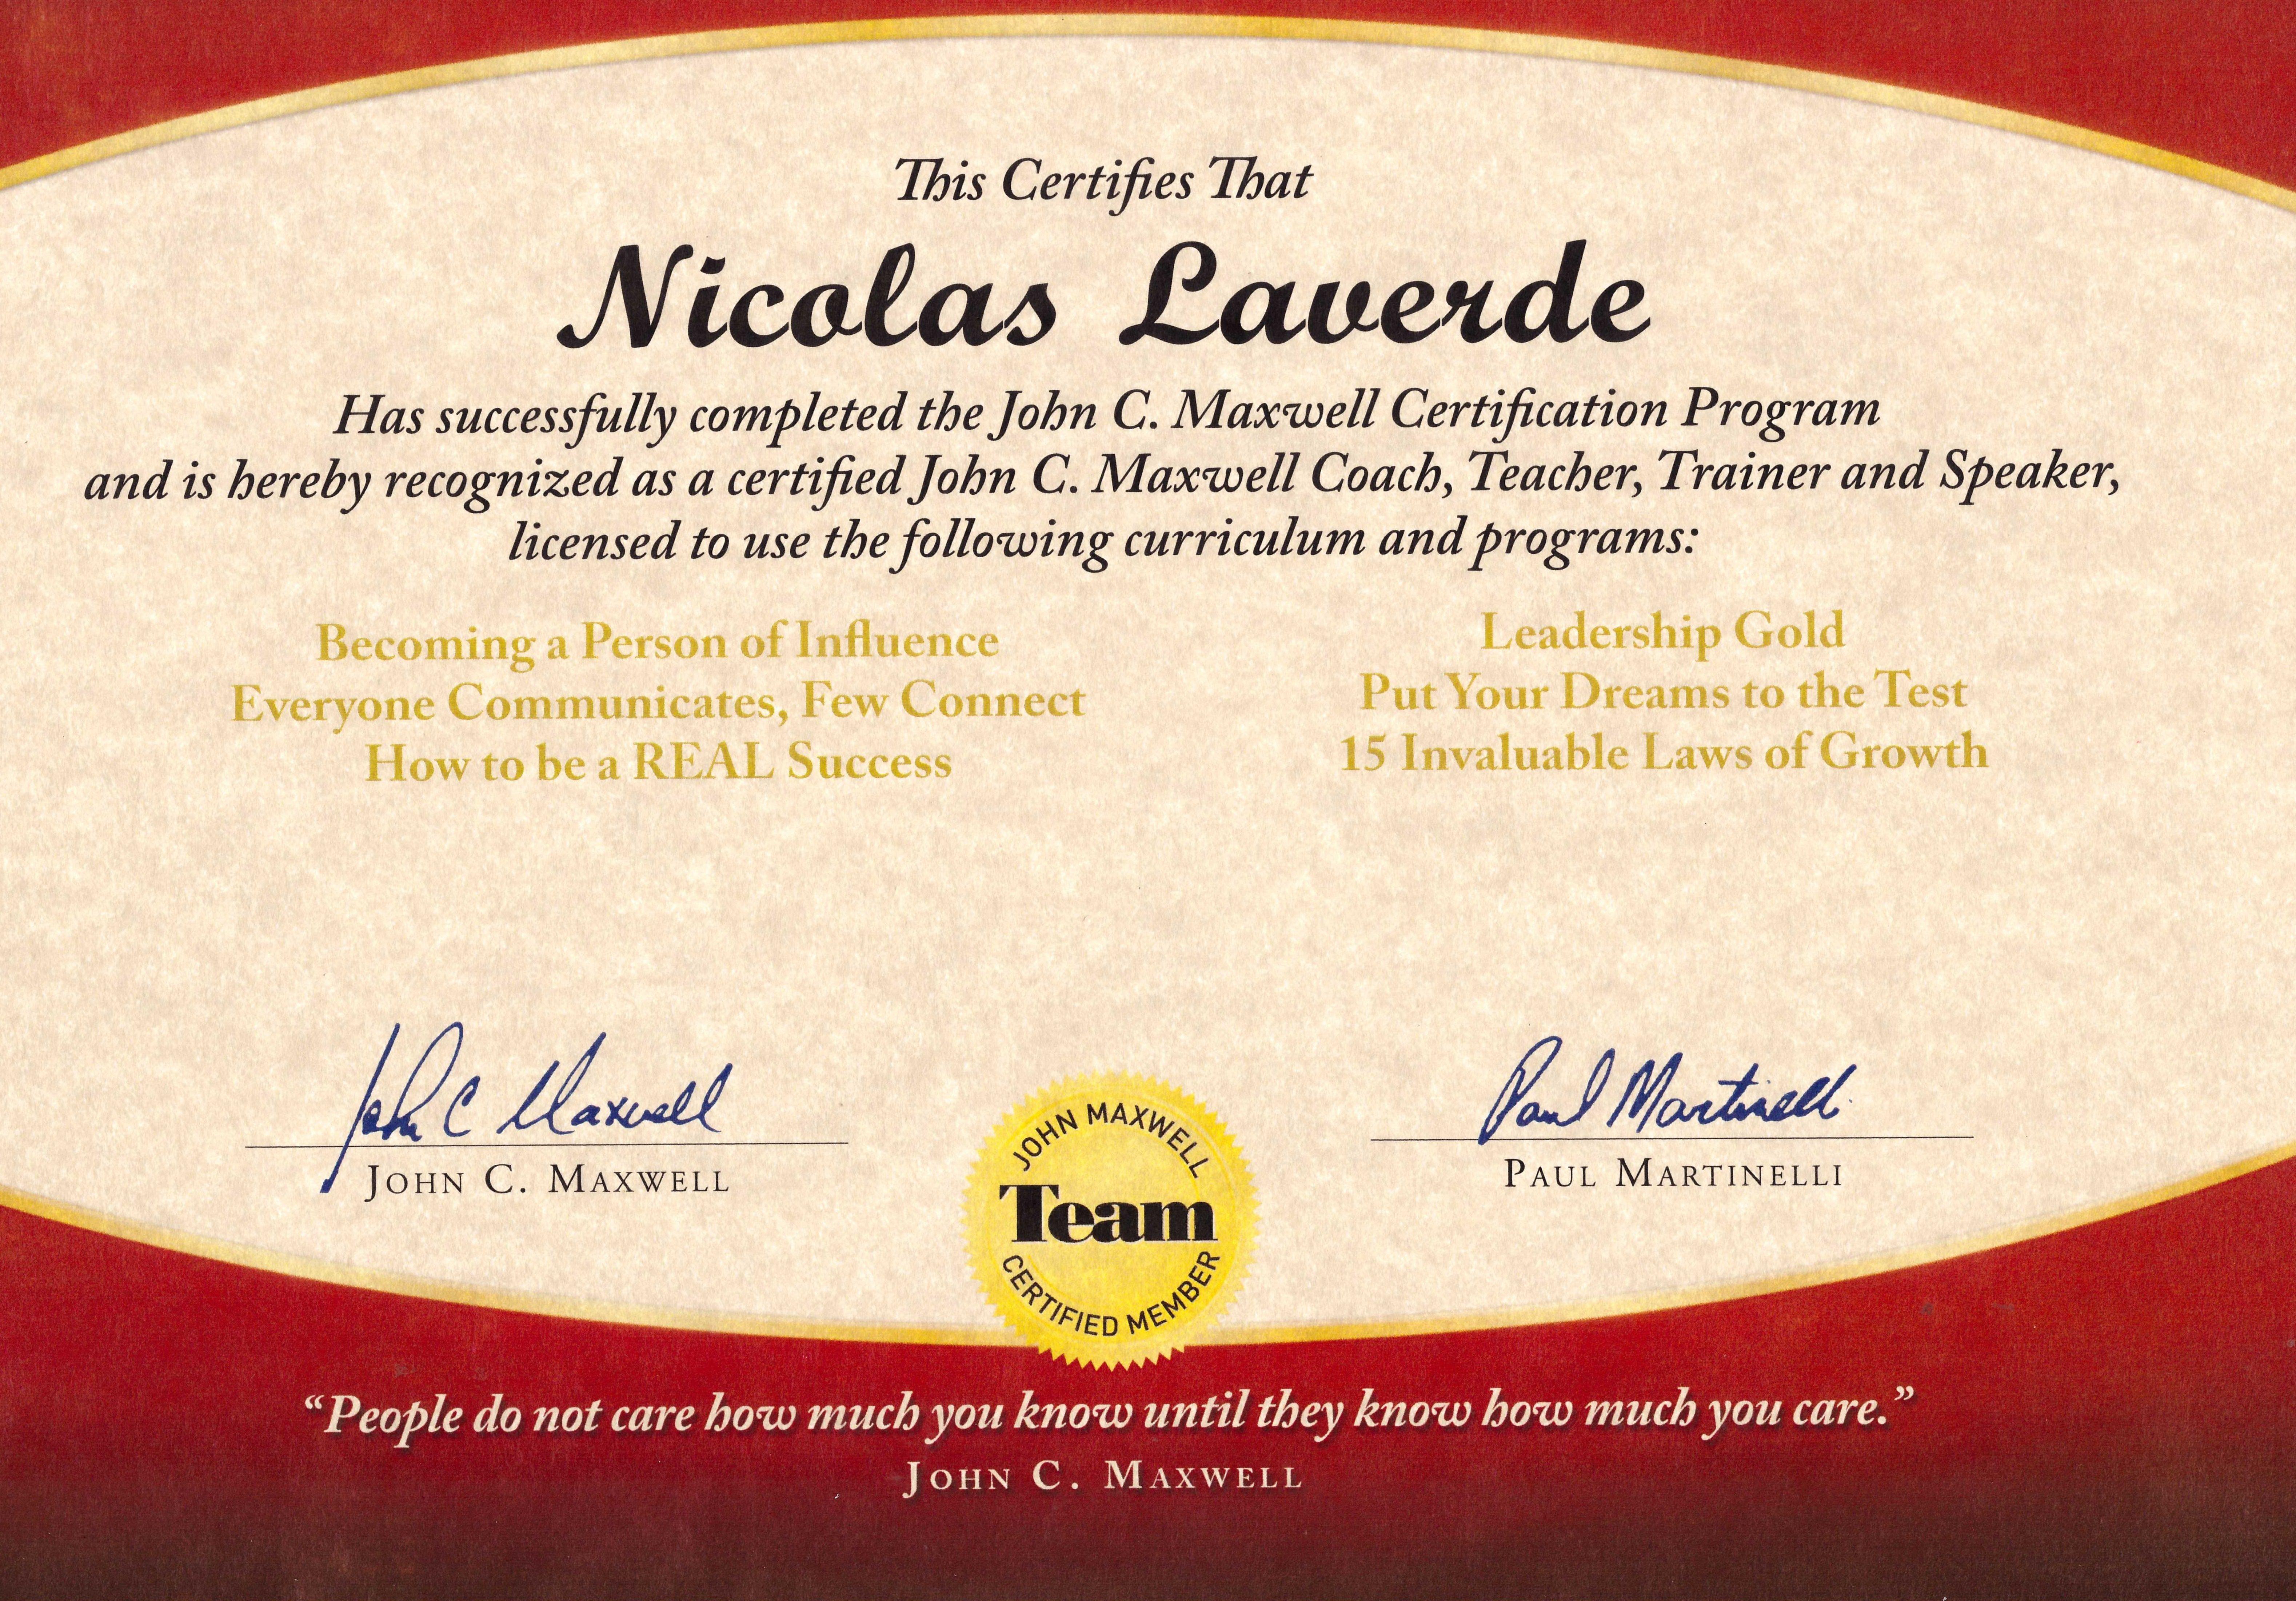 Certificado como coach trainer y speaker con john maxwell certificado como coach trainer y speaker con john maxwell jmteam jmtdna xflitez Images